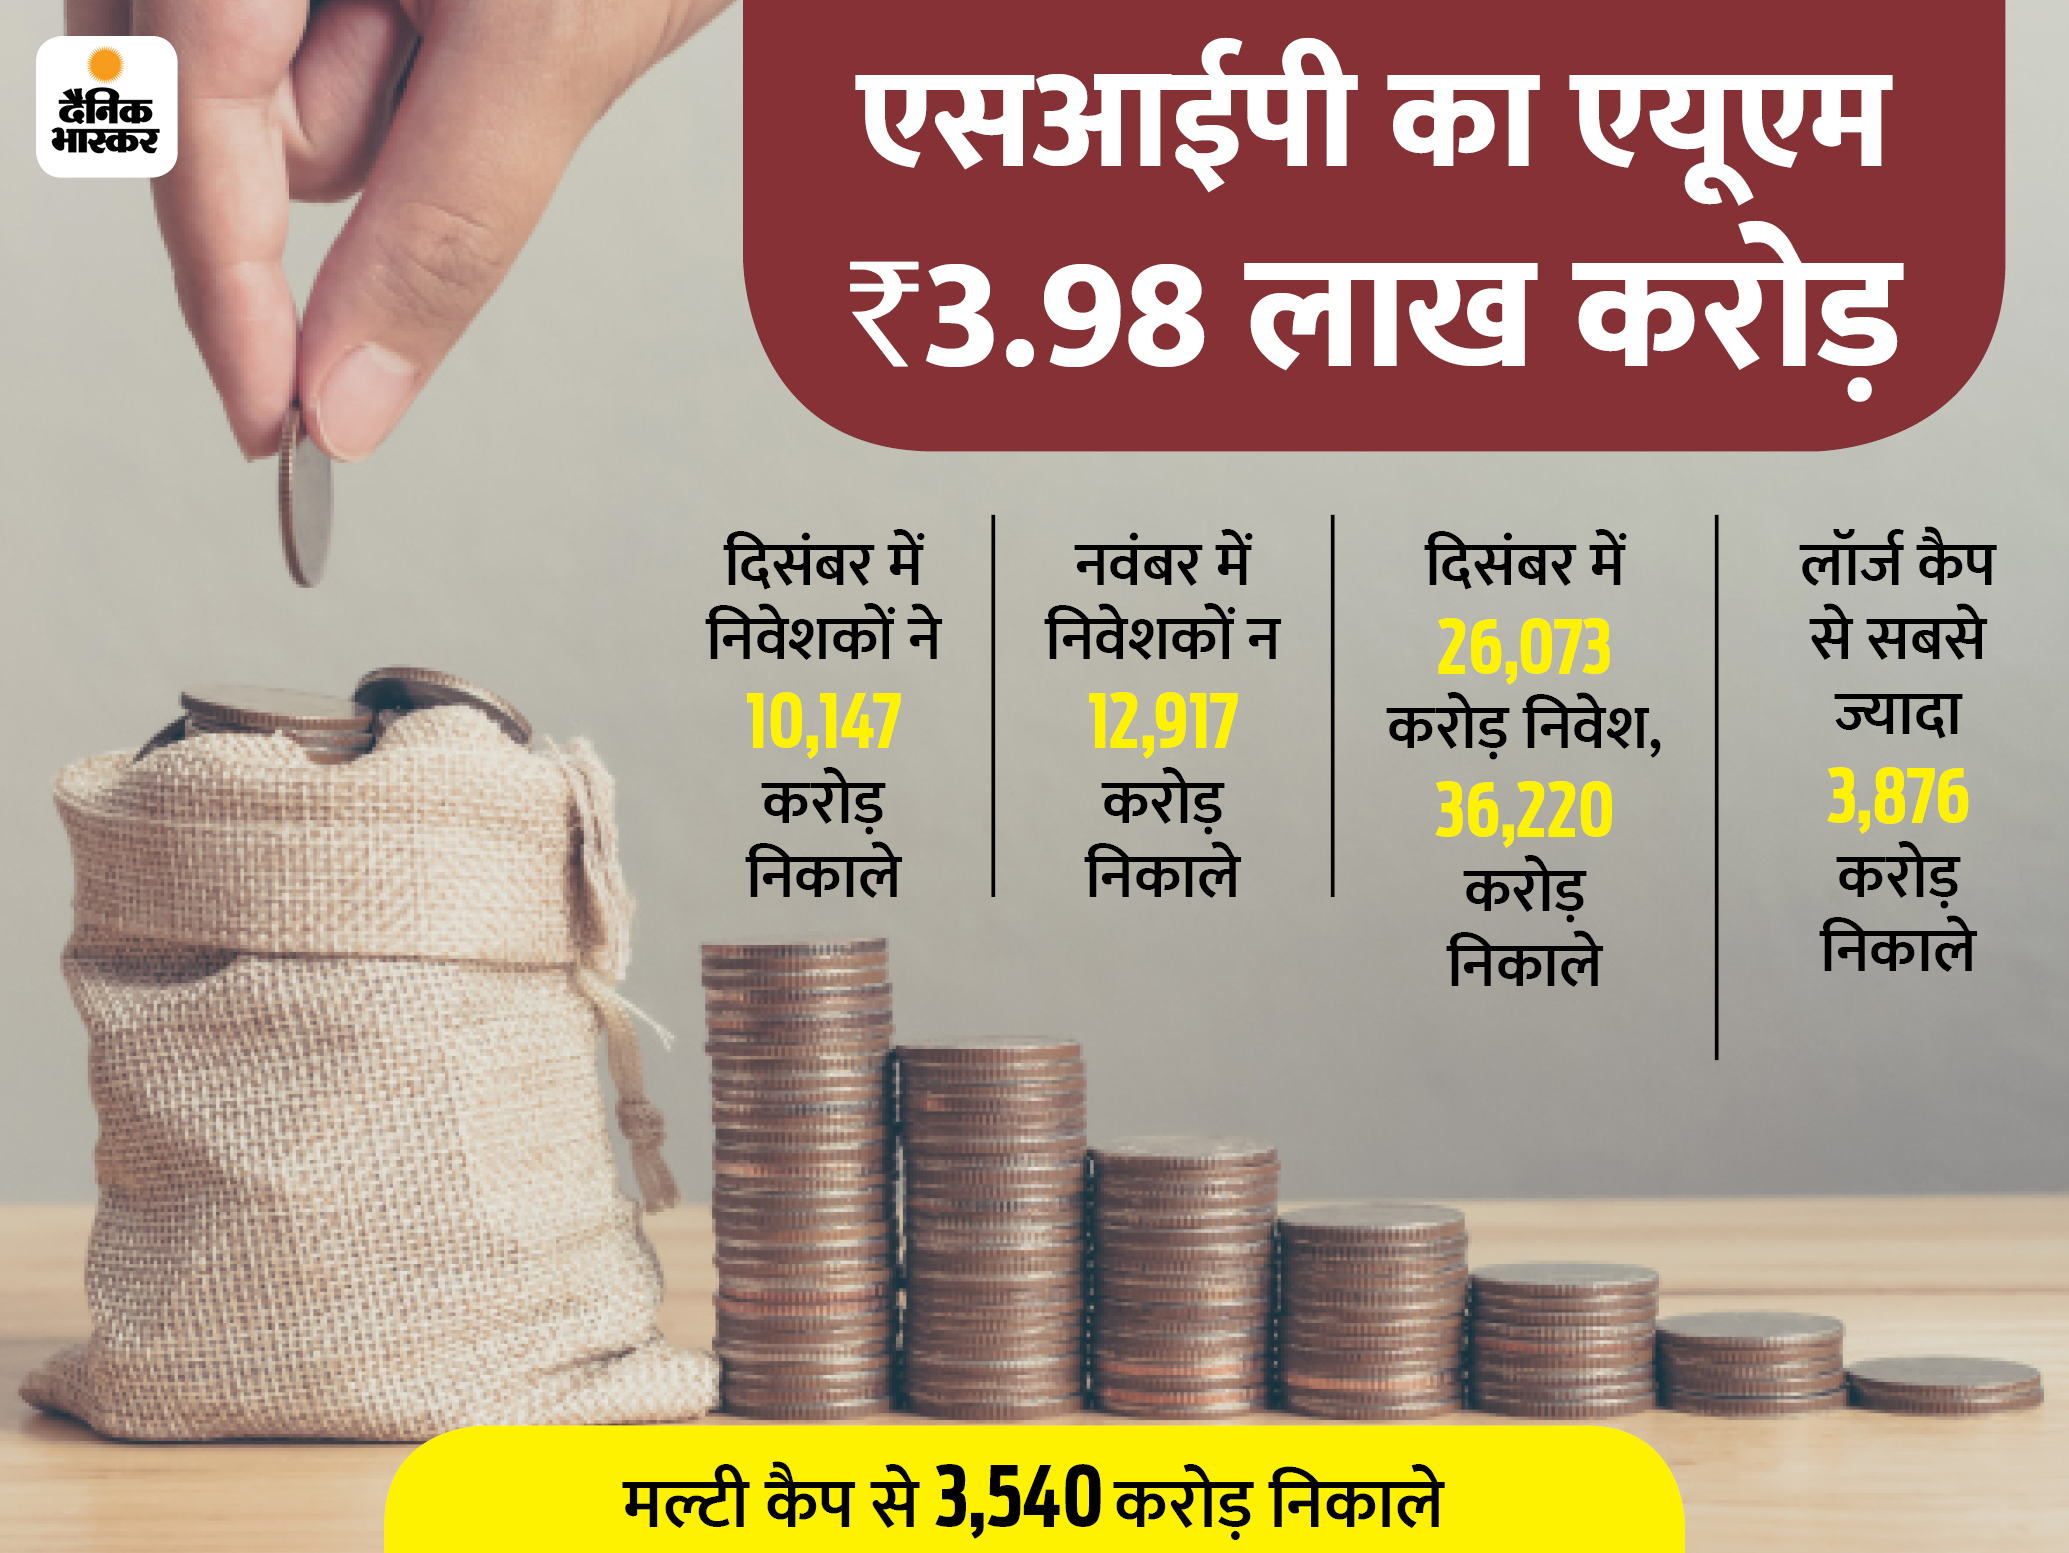 इक्विटी म्यूचुअल फंड से दिसंबर में निवेशकों ने 10 हजार करोड़ निकाले बिजनेस,Business - Dainik Bhaskar